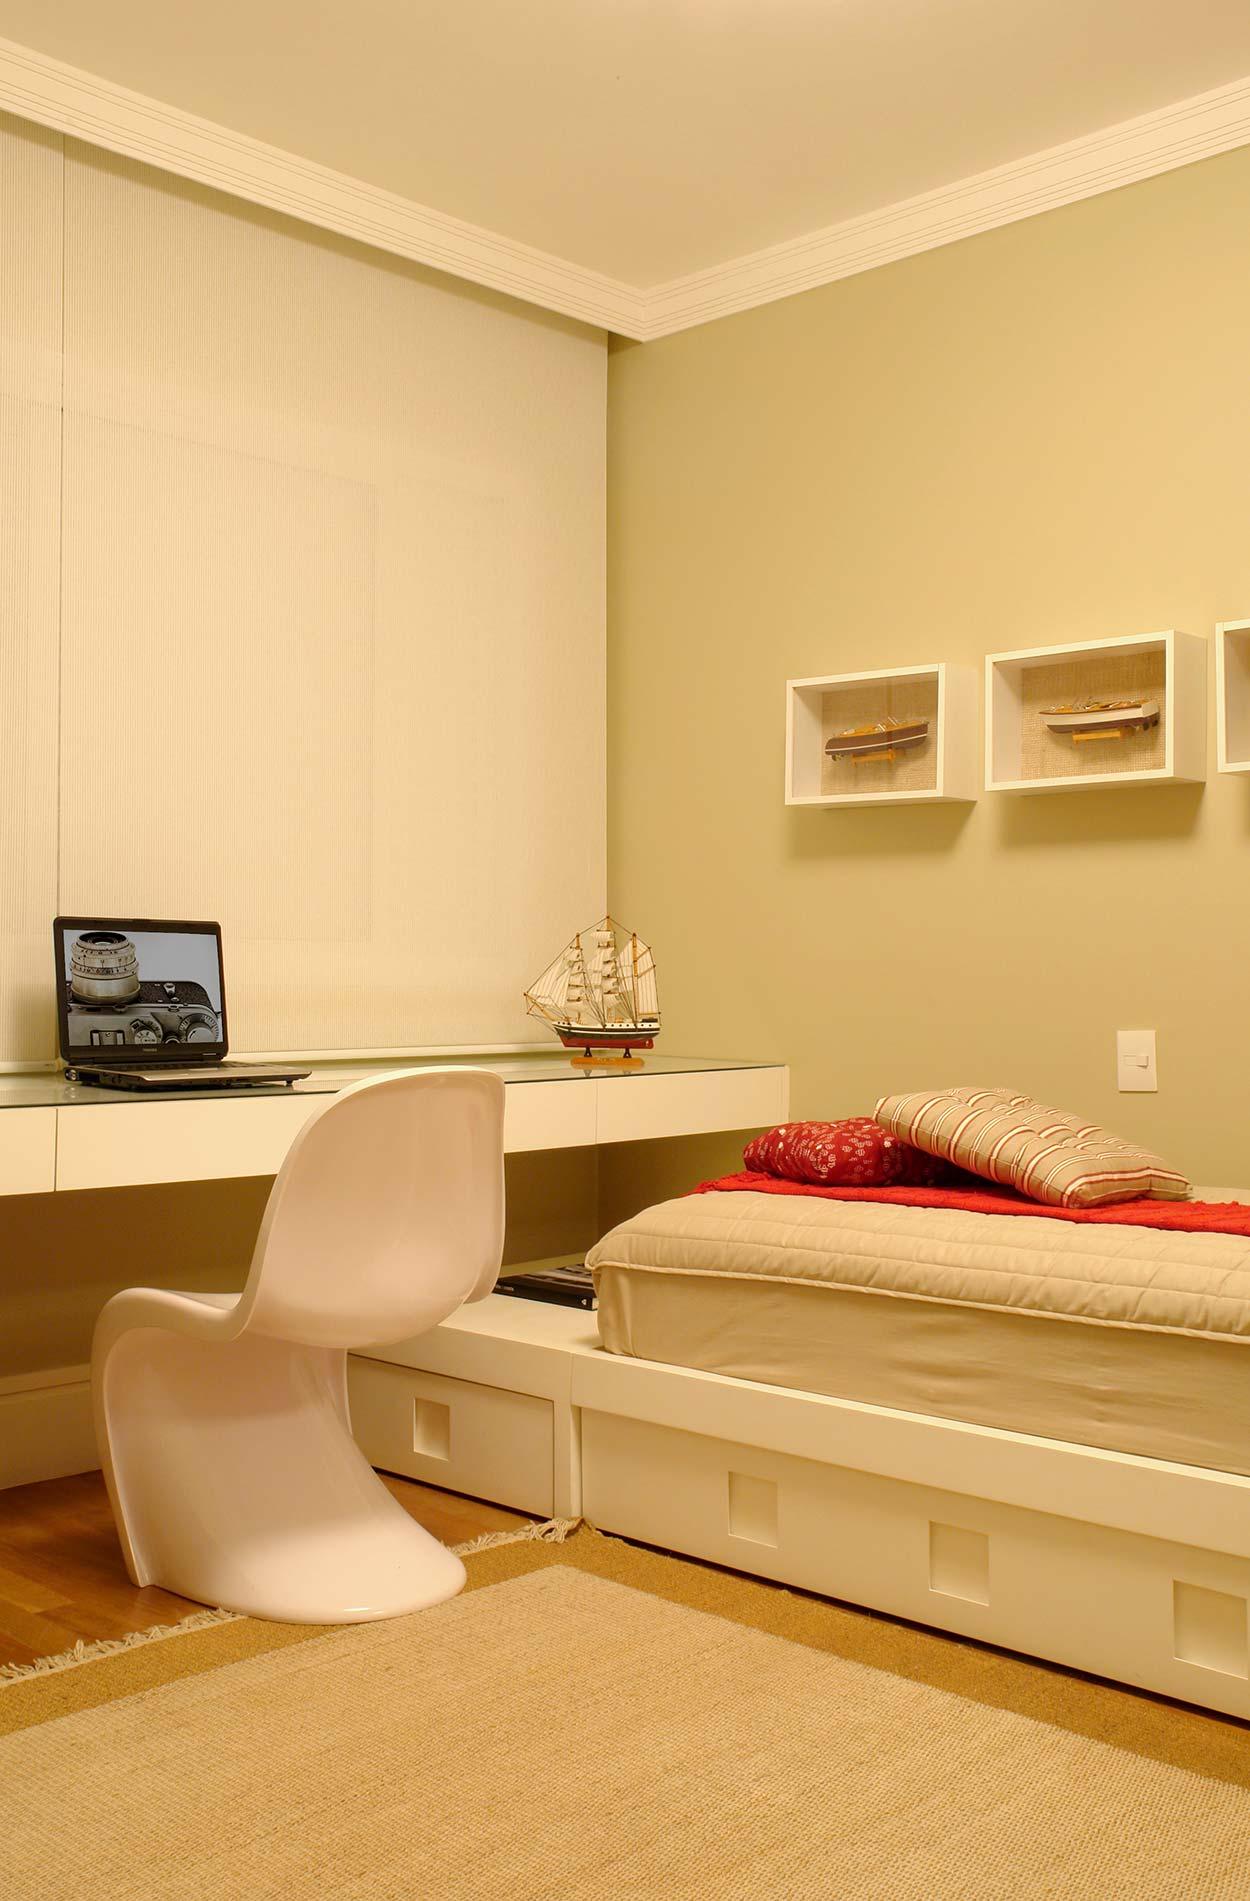 veridianaperes-interiores-residenciapp14